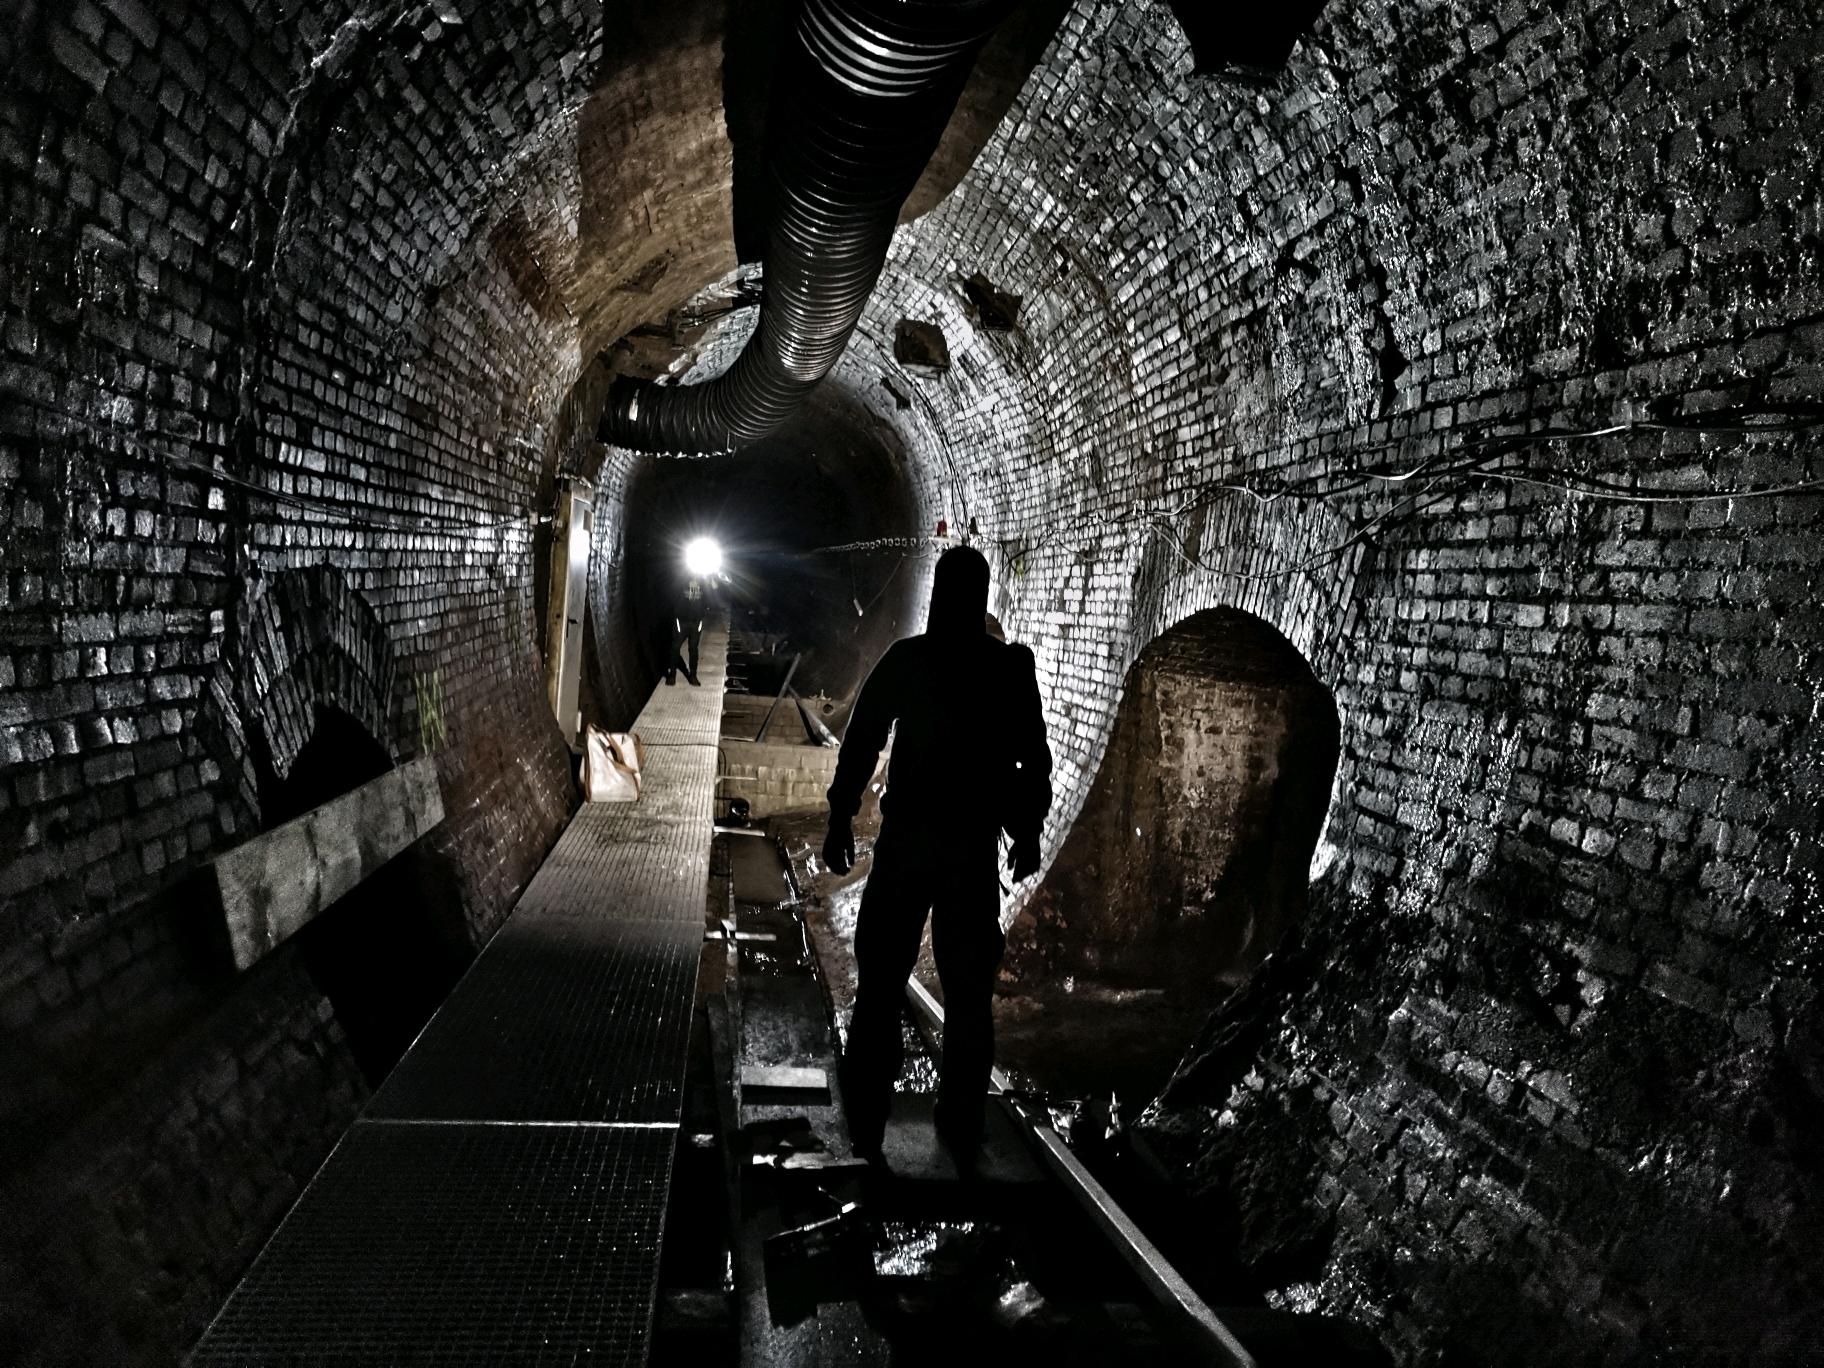 Unterwegs in der Dortmunder Unterwelt - den alten Bunkern. Fotos: Shadows of Dortmund